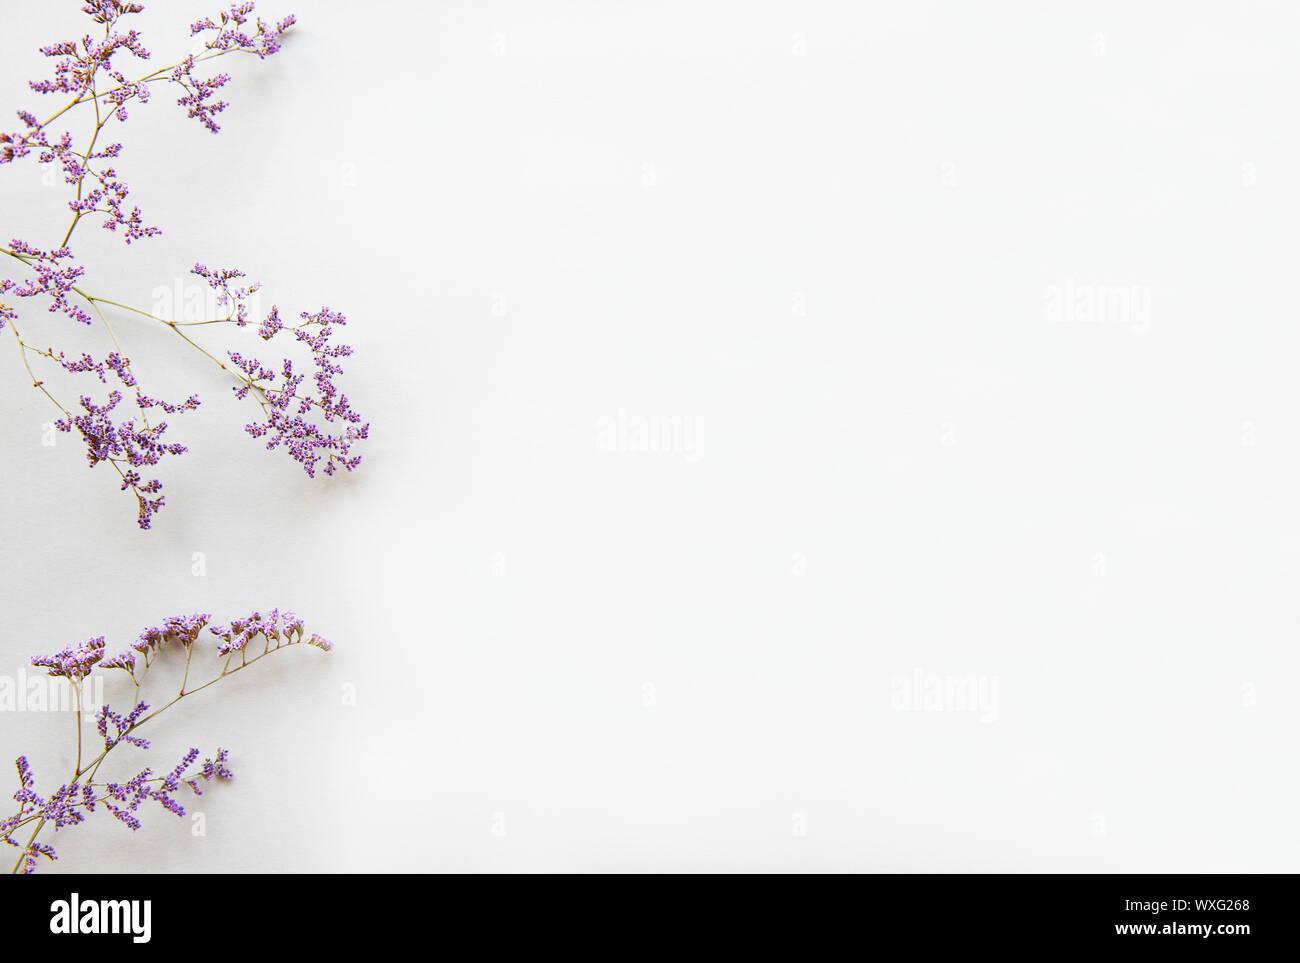 Blumen Komposition. Rahmen aus getrockneten Blumen auf weißem Hintergrund. Flach, Ansicht von oben Stockfoto